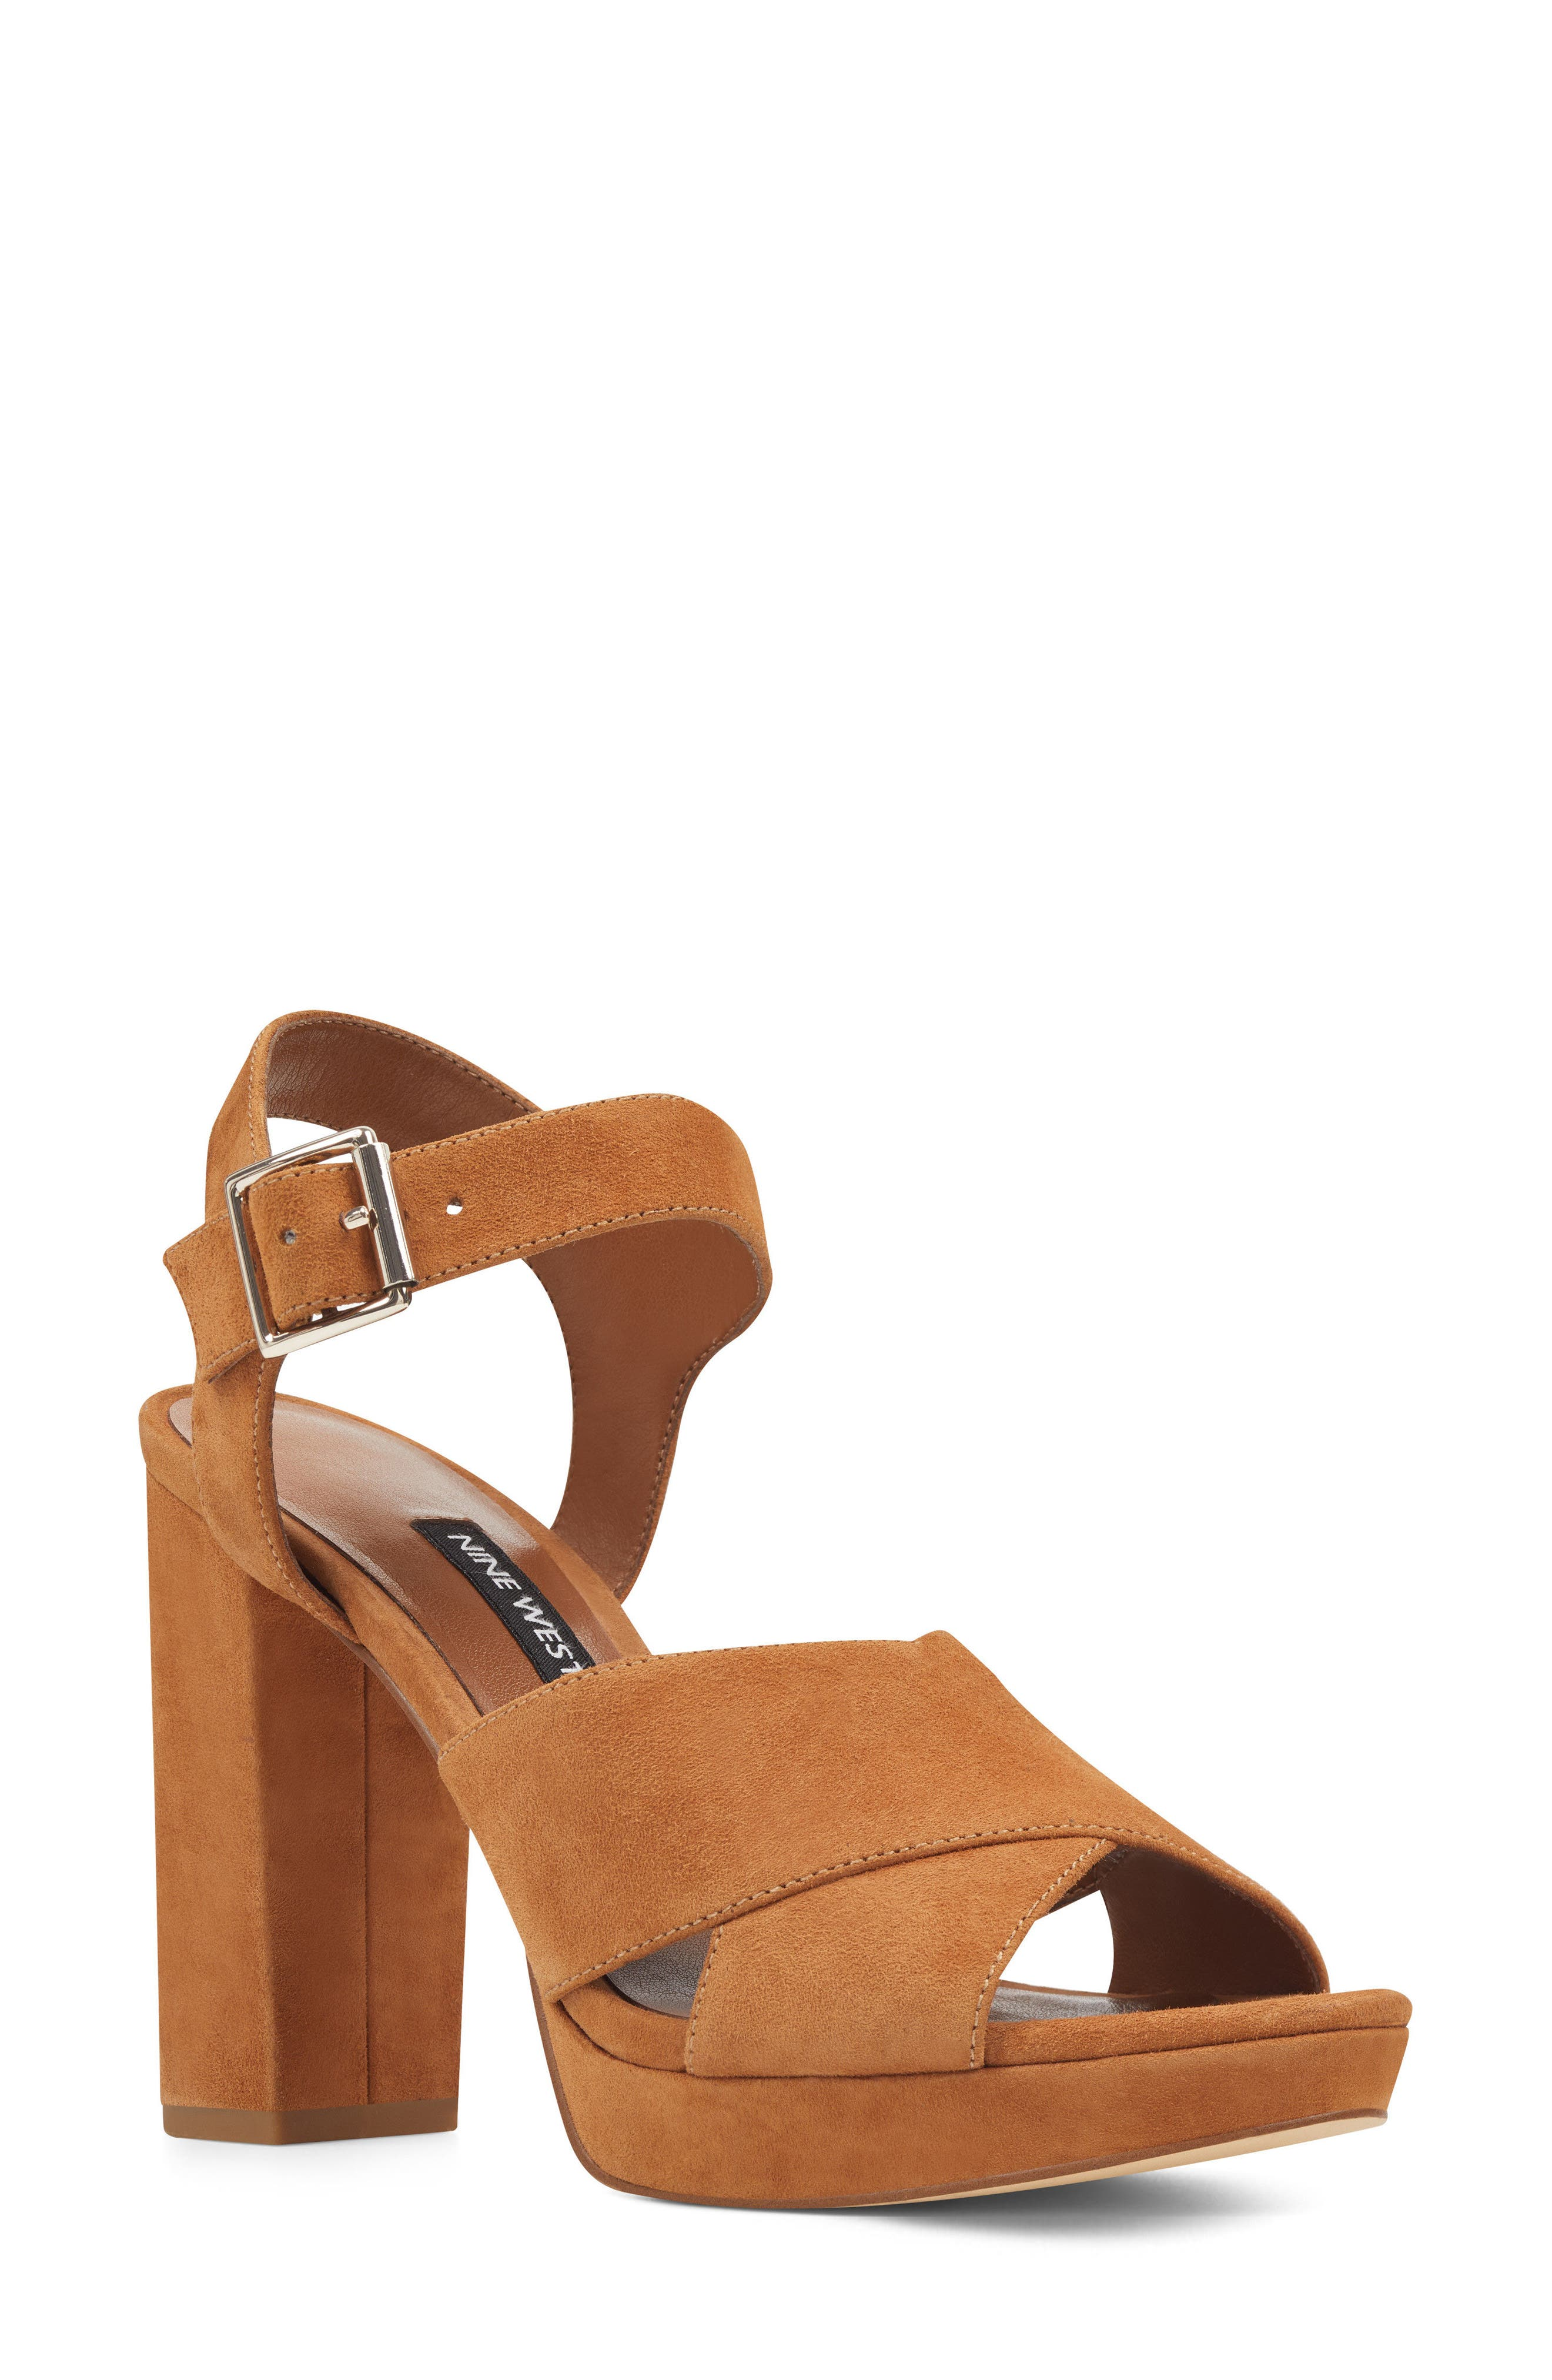 Jimar Platform Sandal,                             Main thumbnail 1, color,                             DARK NATURAL SUEDE